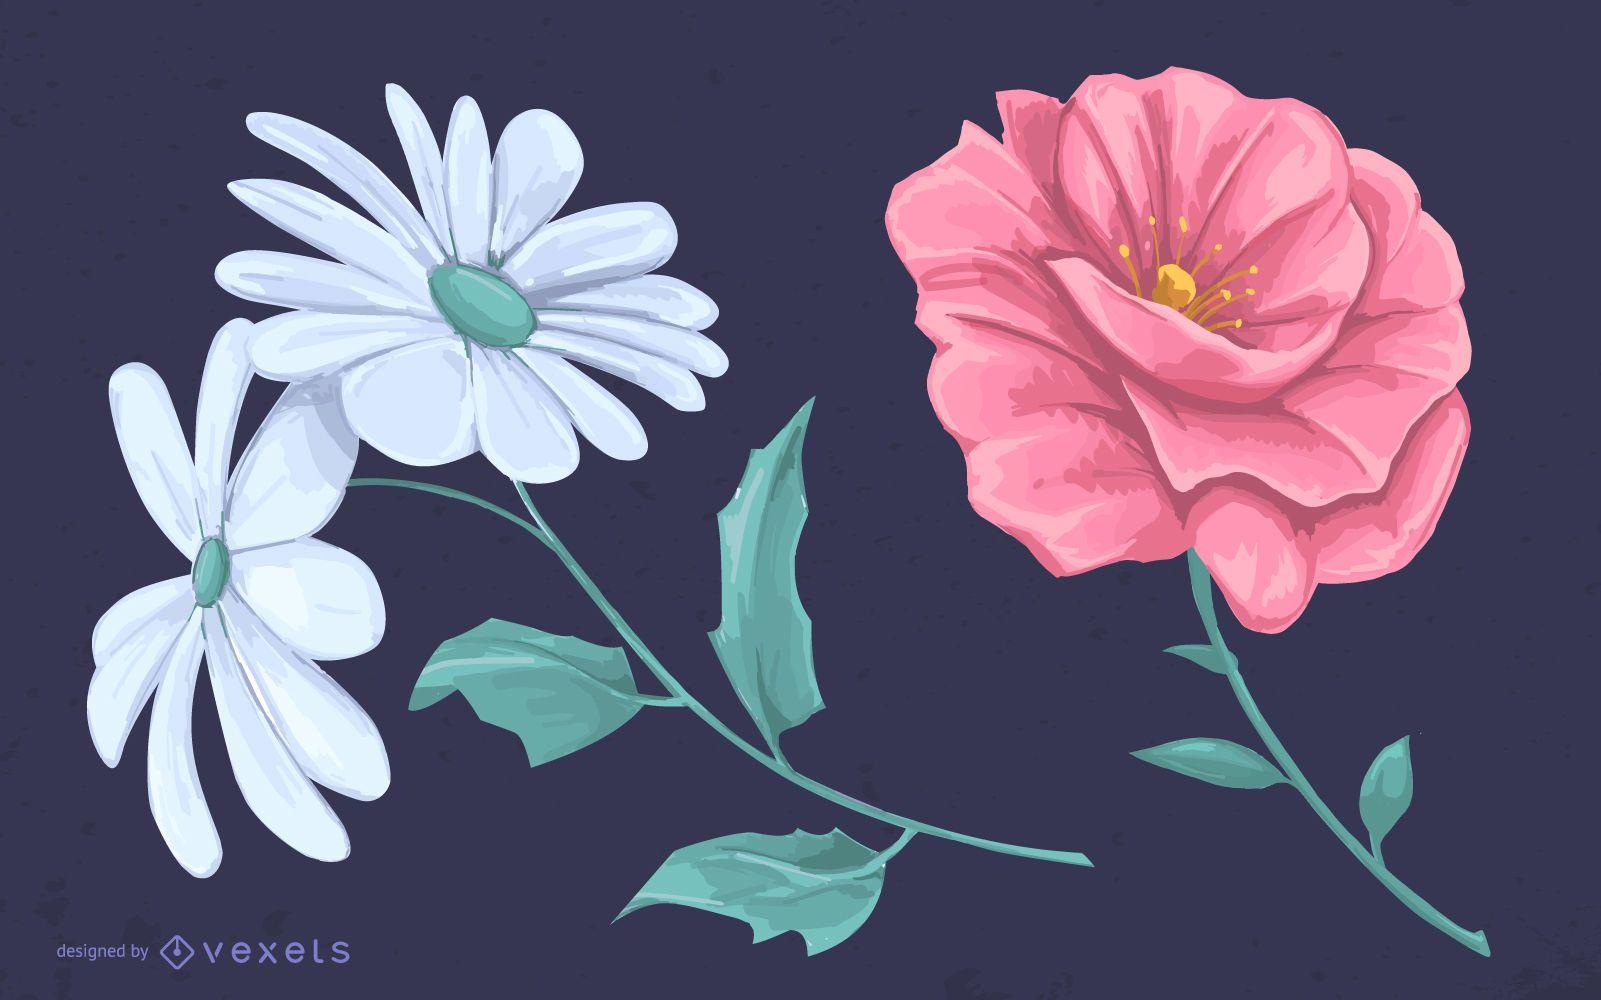 Diseño de dibujo ilustrado de flores.